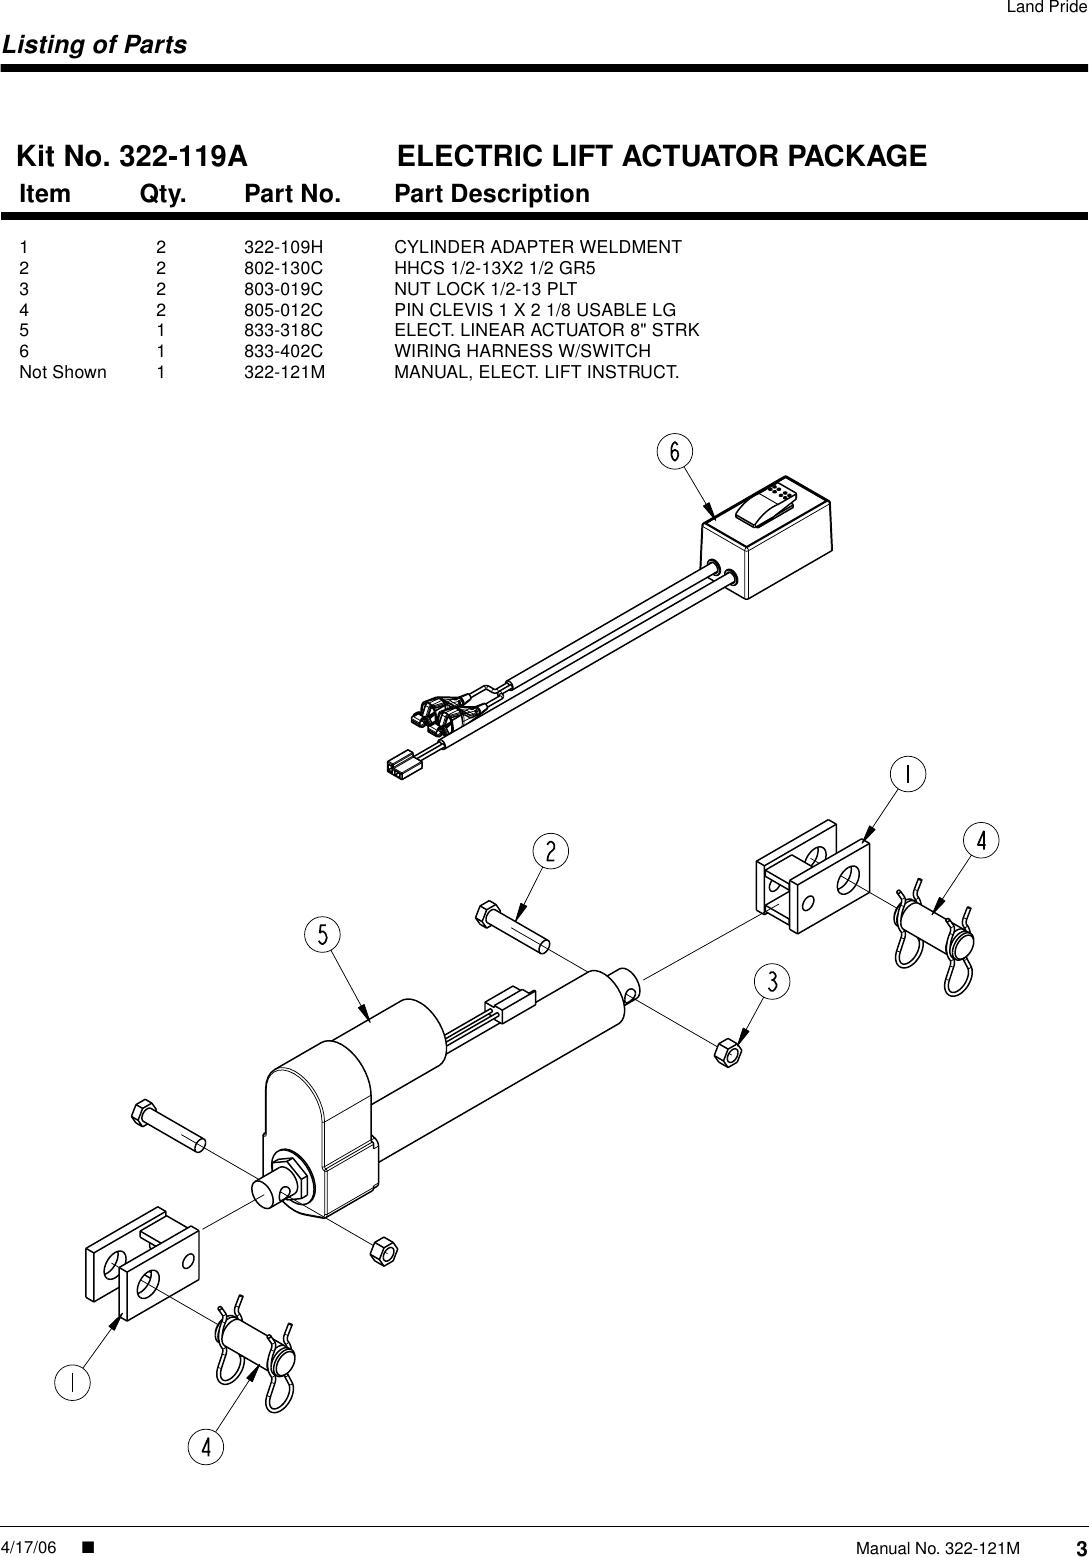 1997 Lull 1054 Wiring Diagram